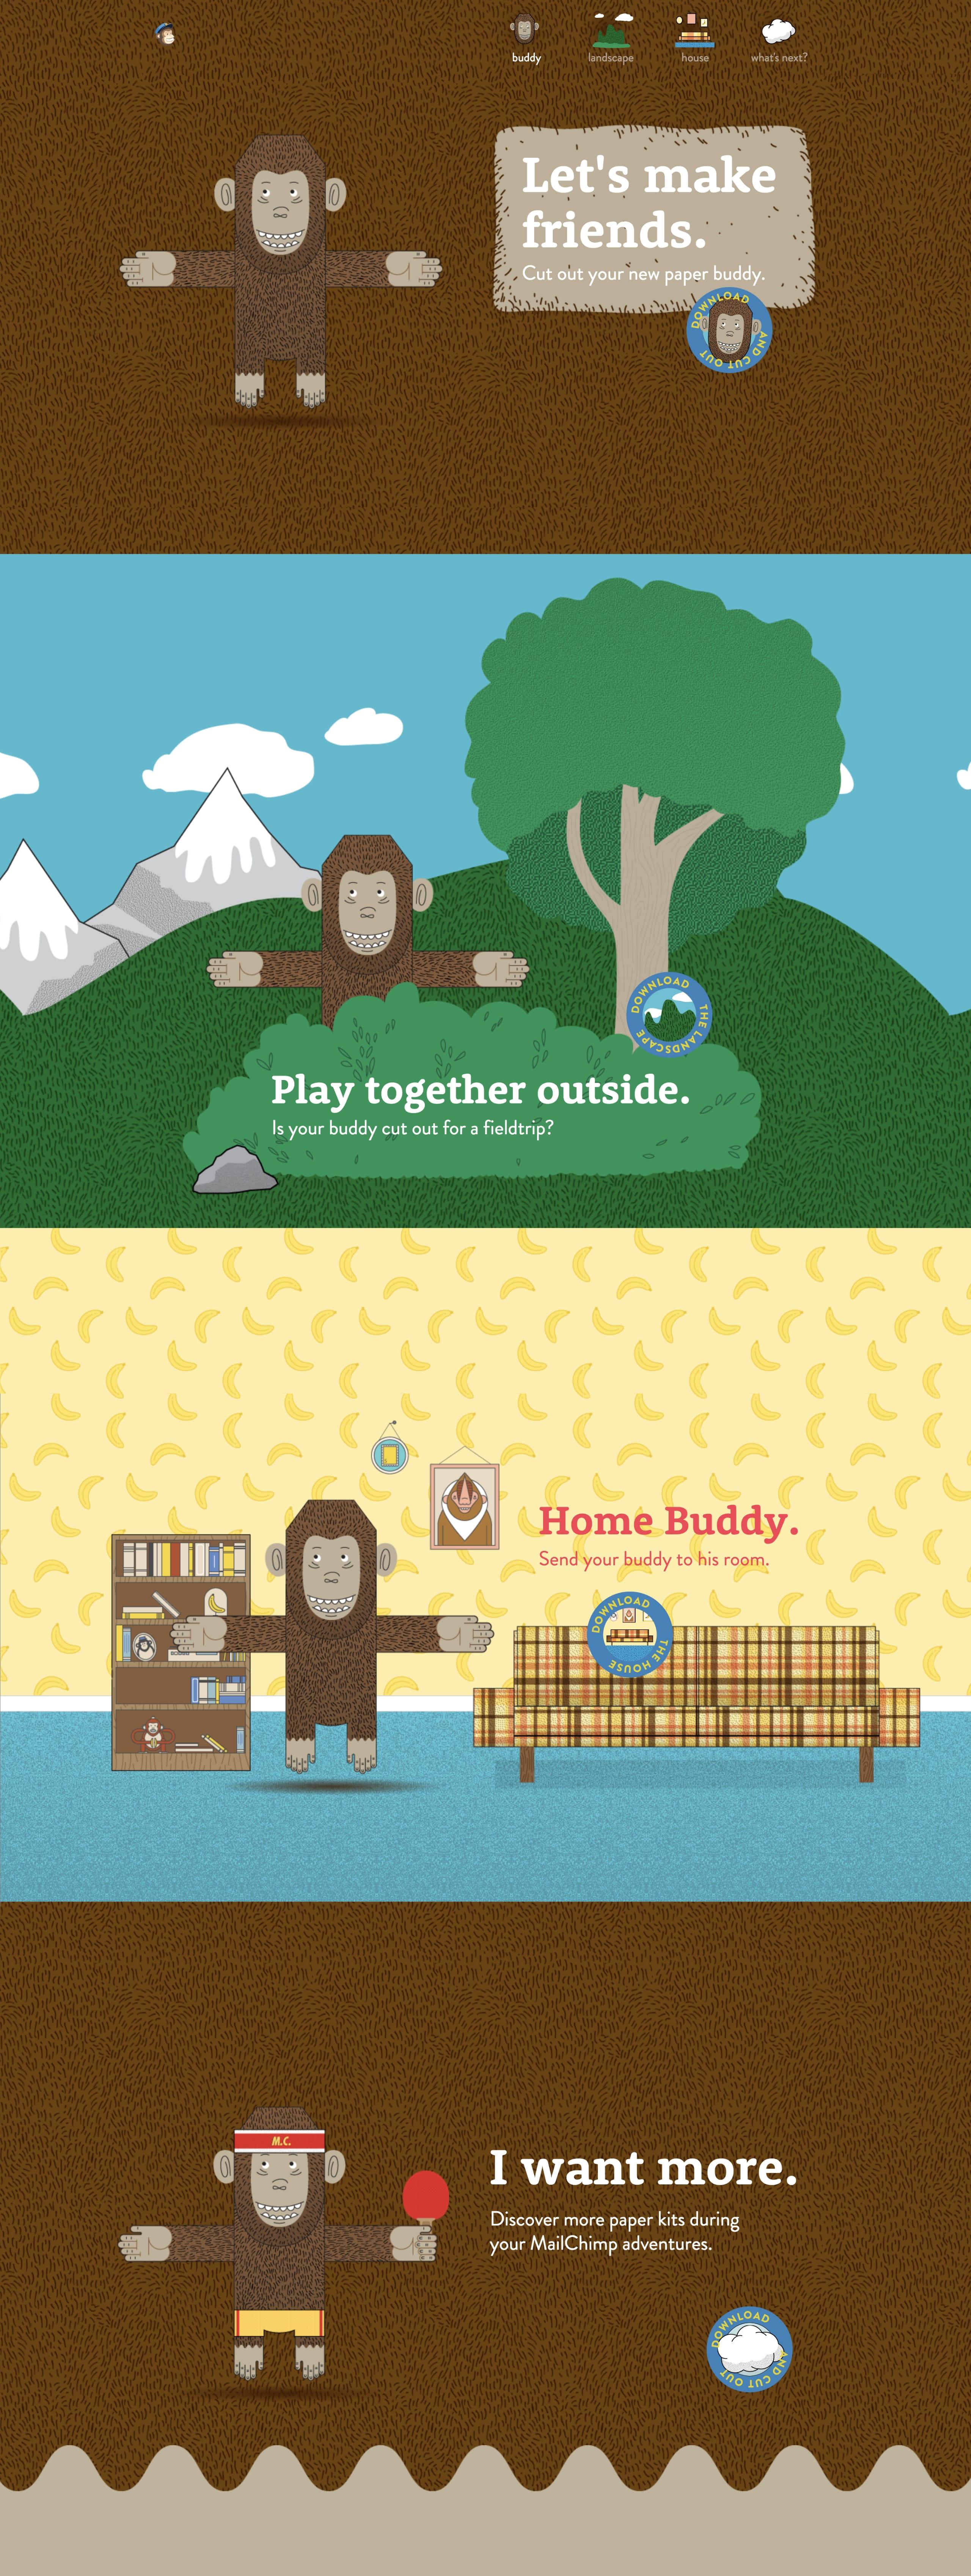 Paper Buddy Website Screenshot